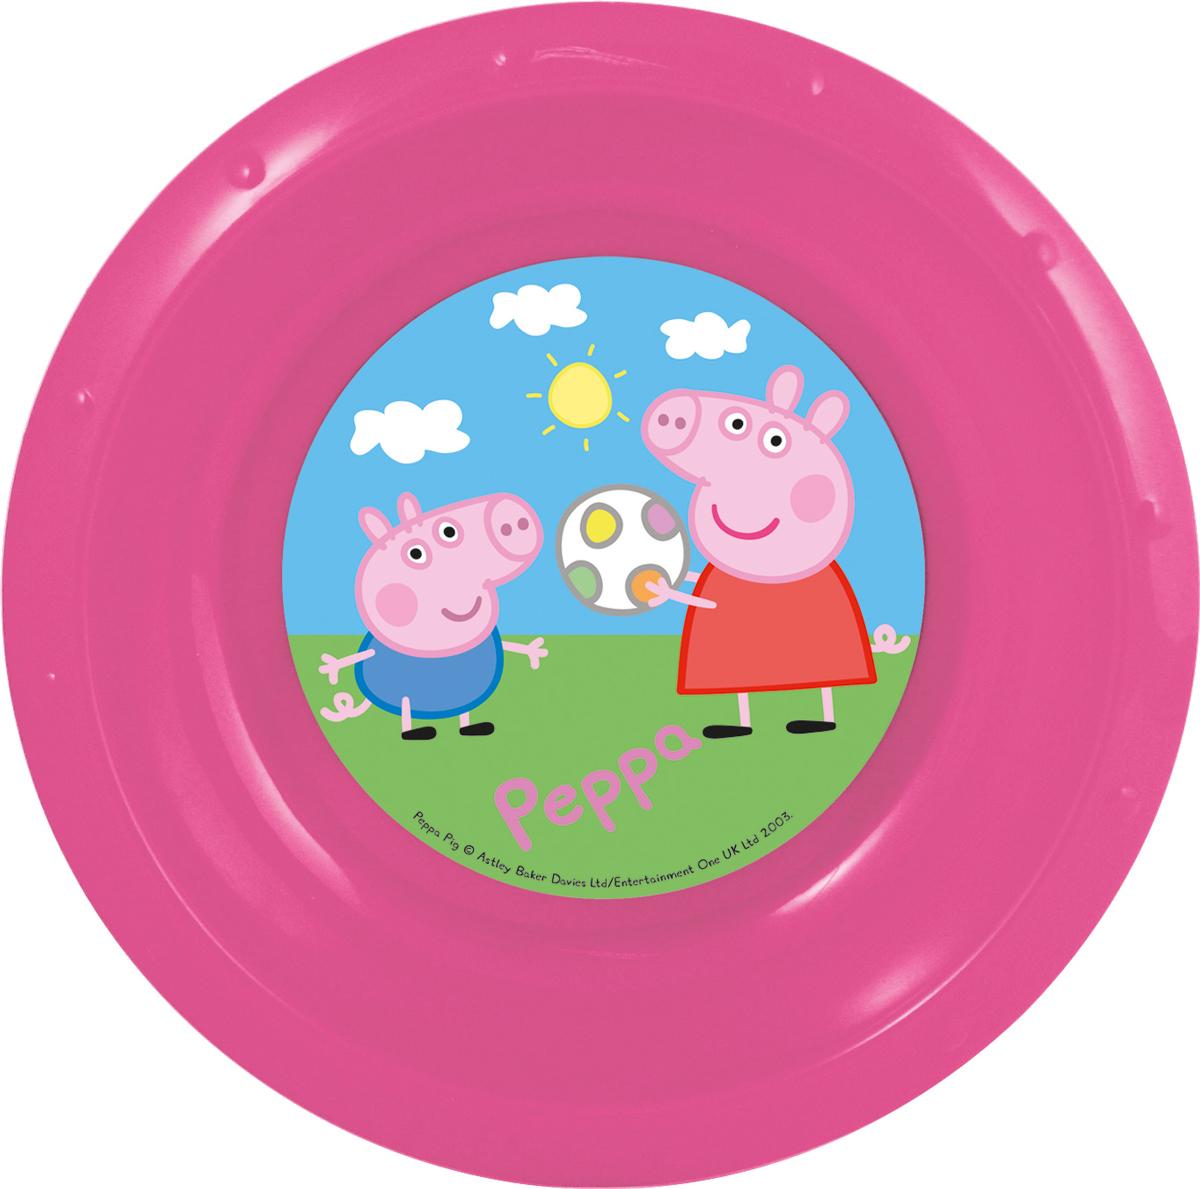 Peppa Pig Миска детская Свинка ПеппаJ2036Миска детская Свинка Пеппа диаметром 16 см.